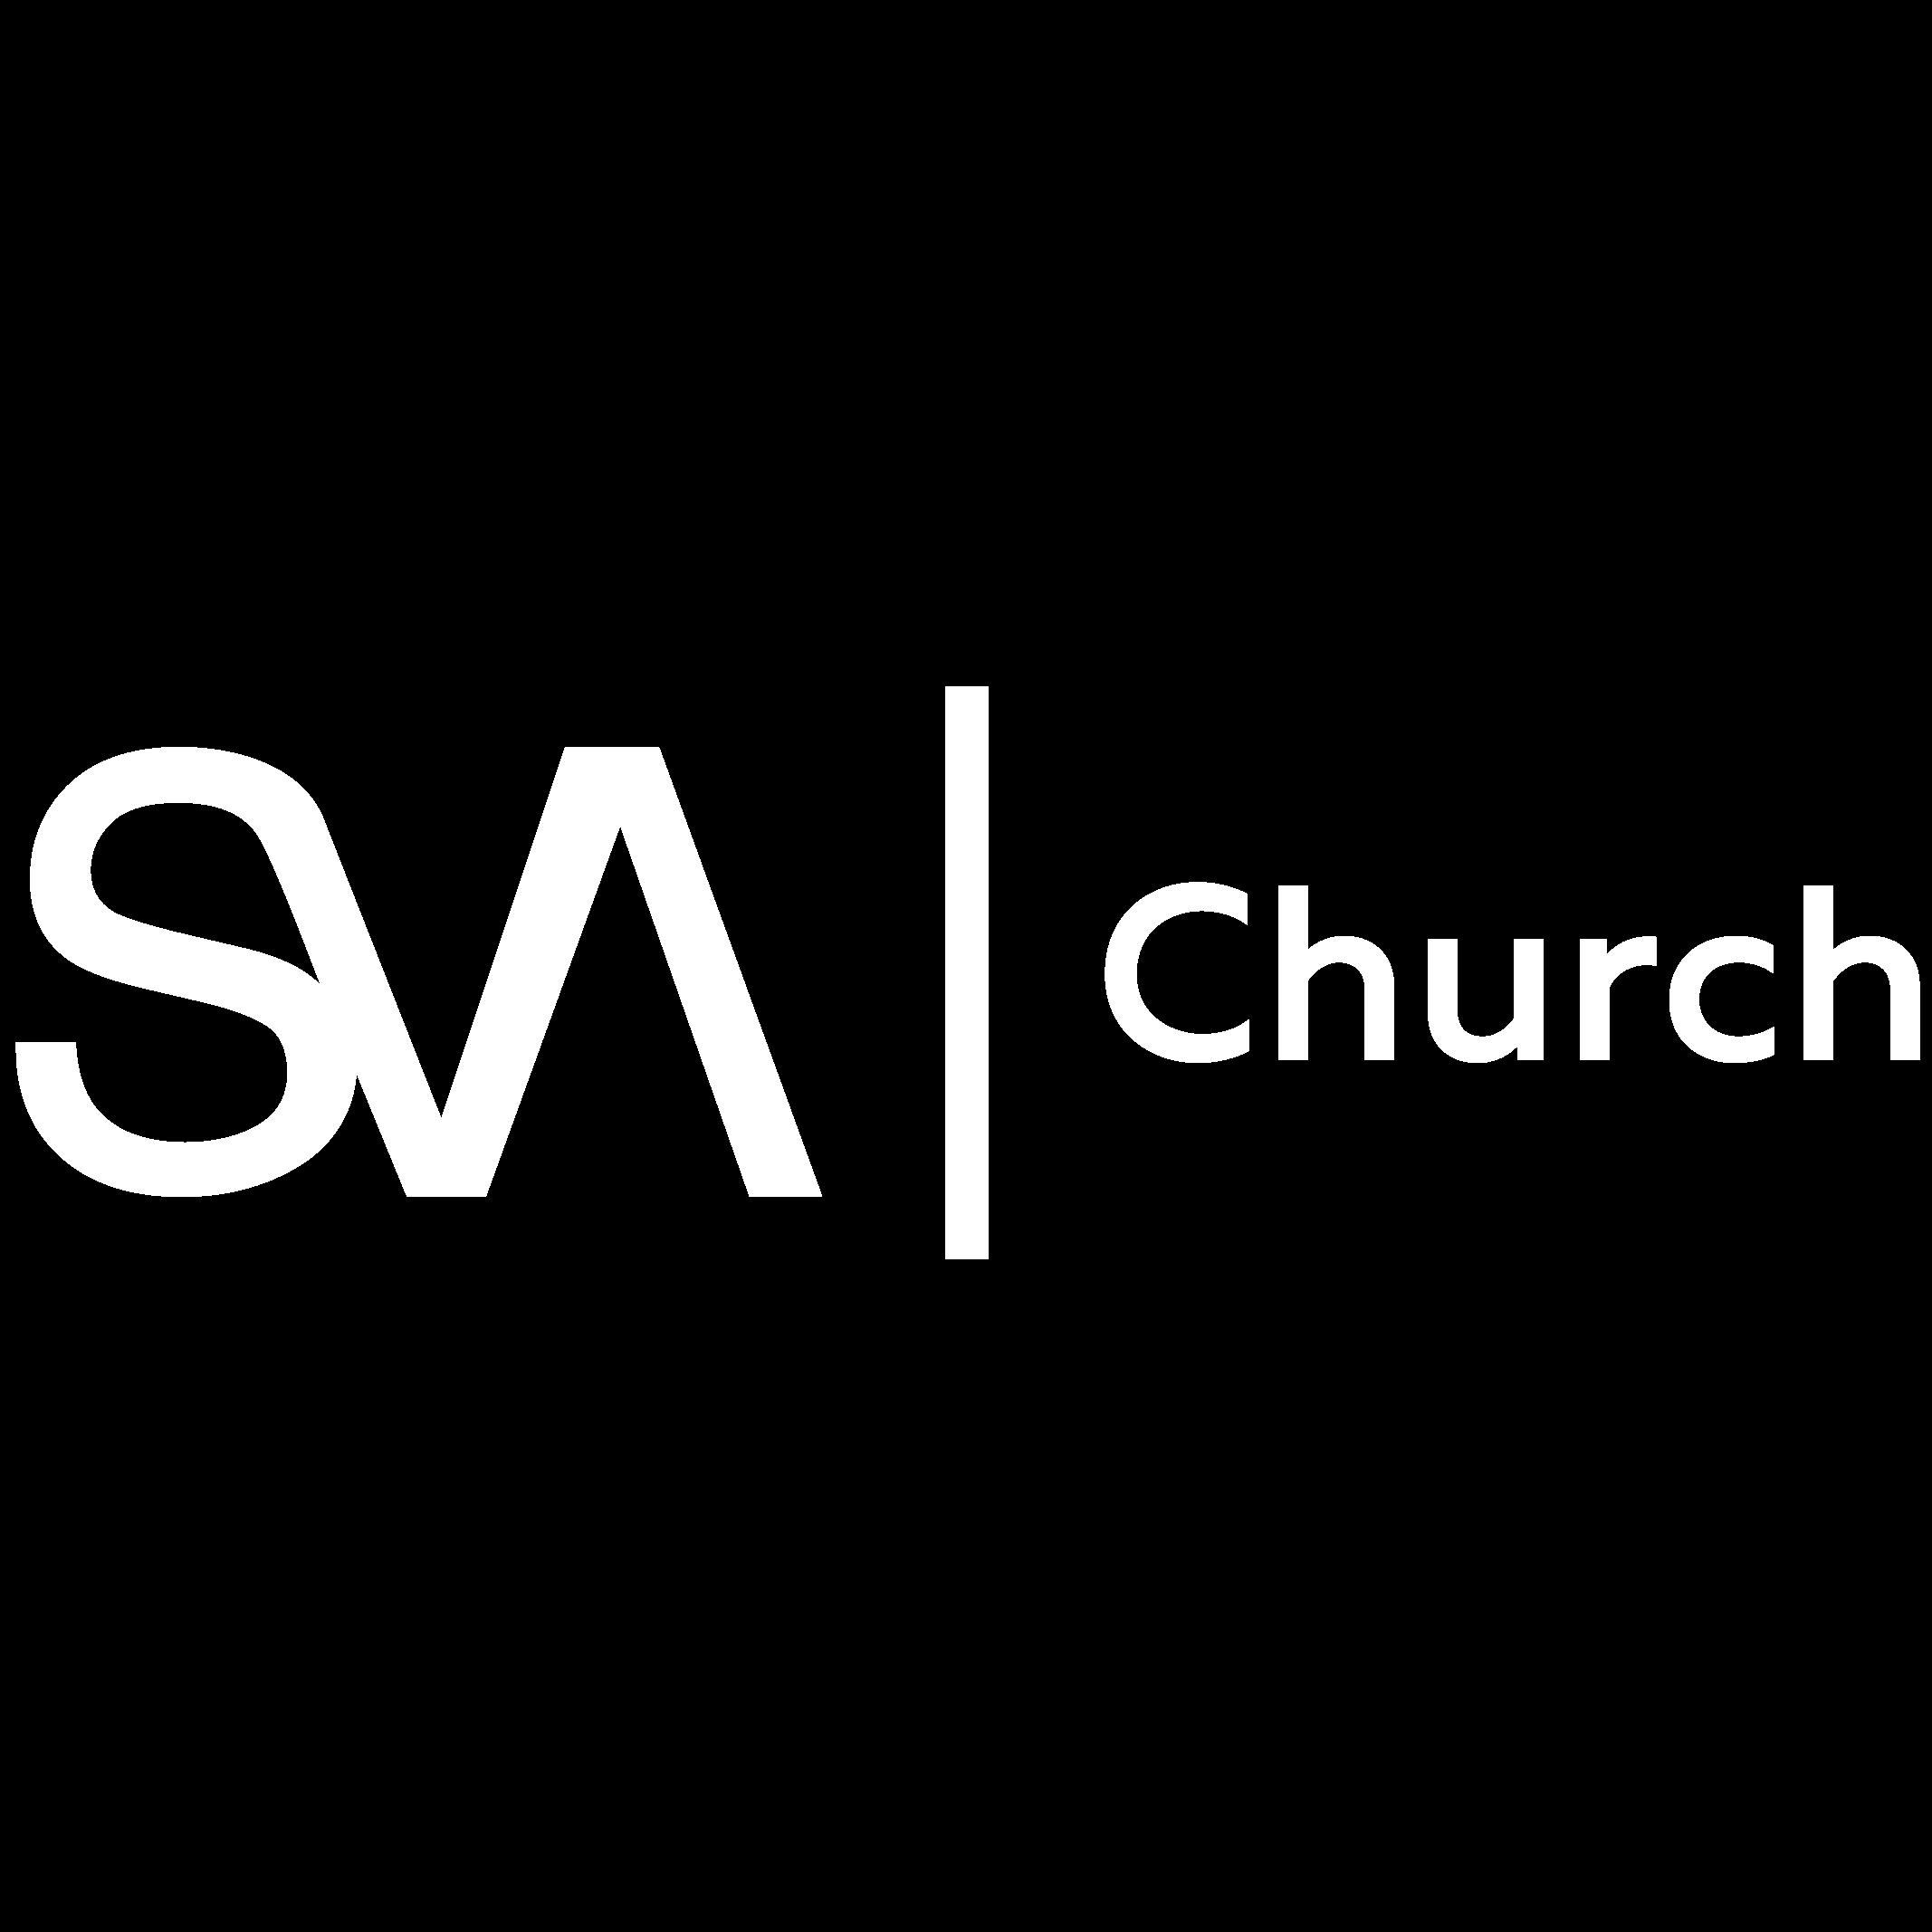 SVA Church Logo